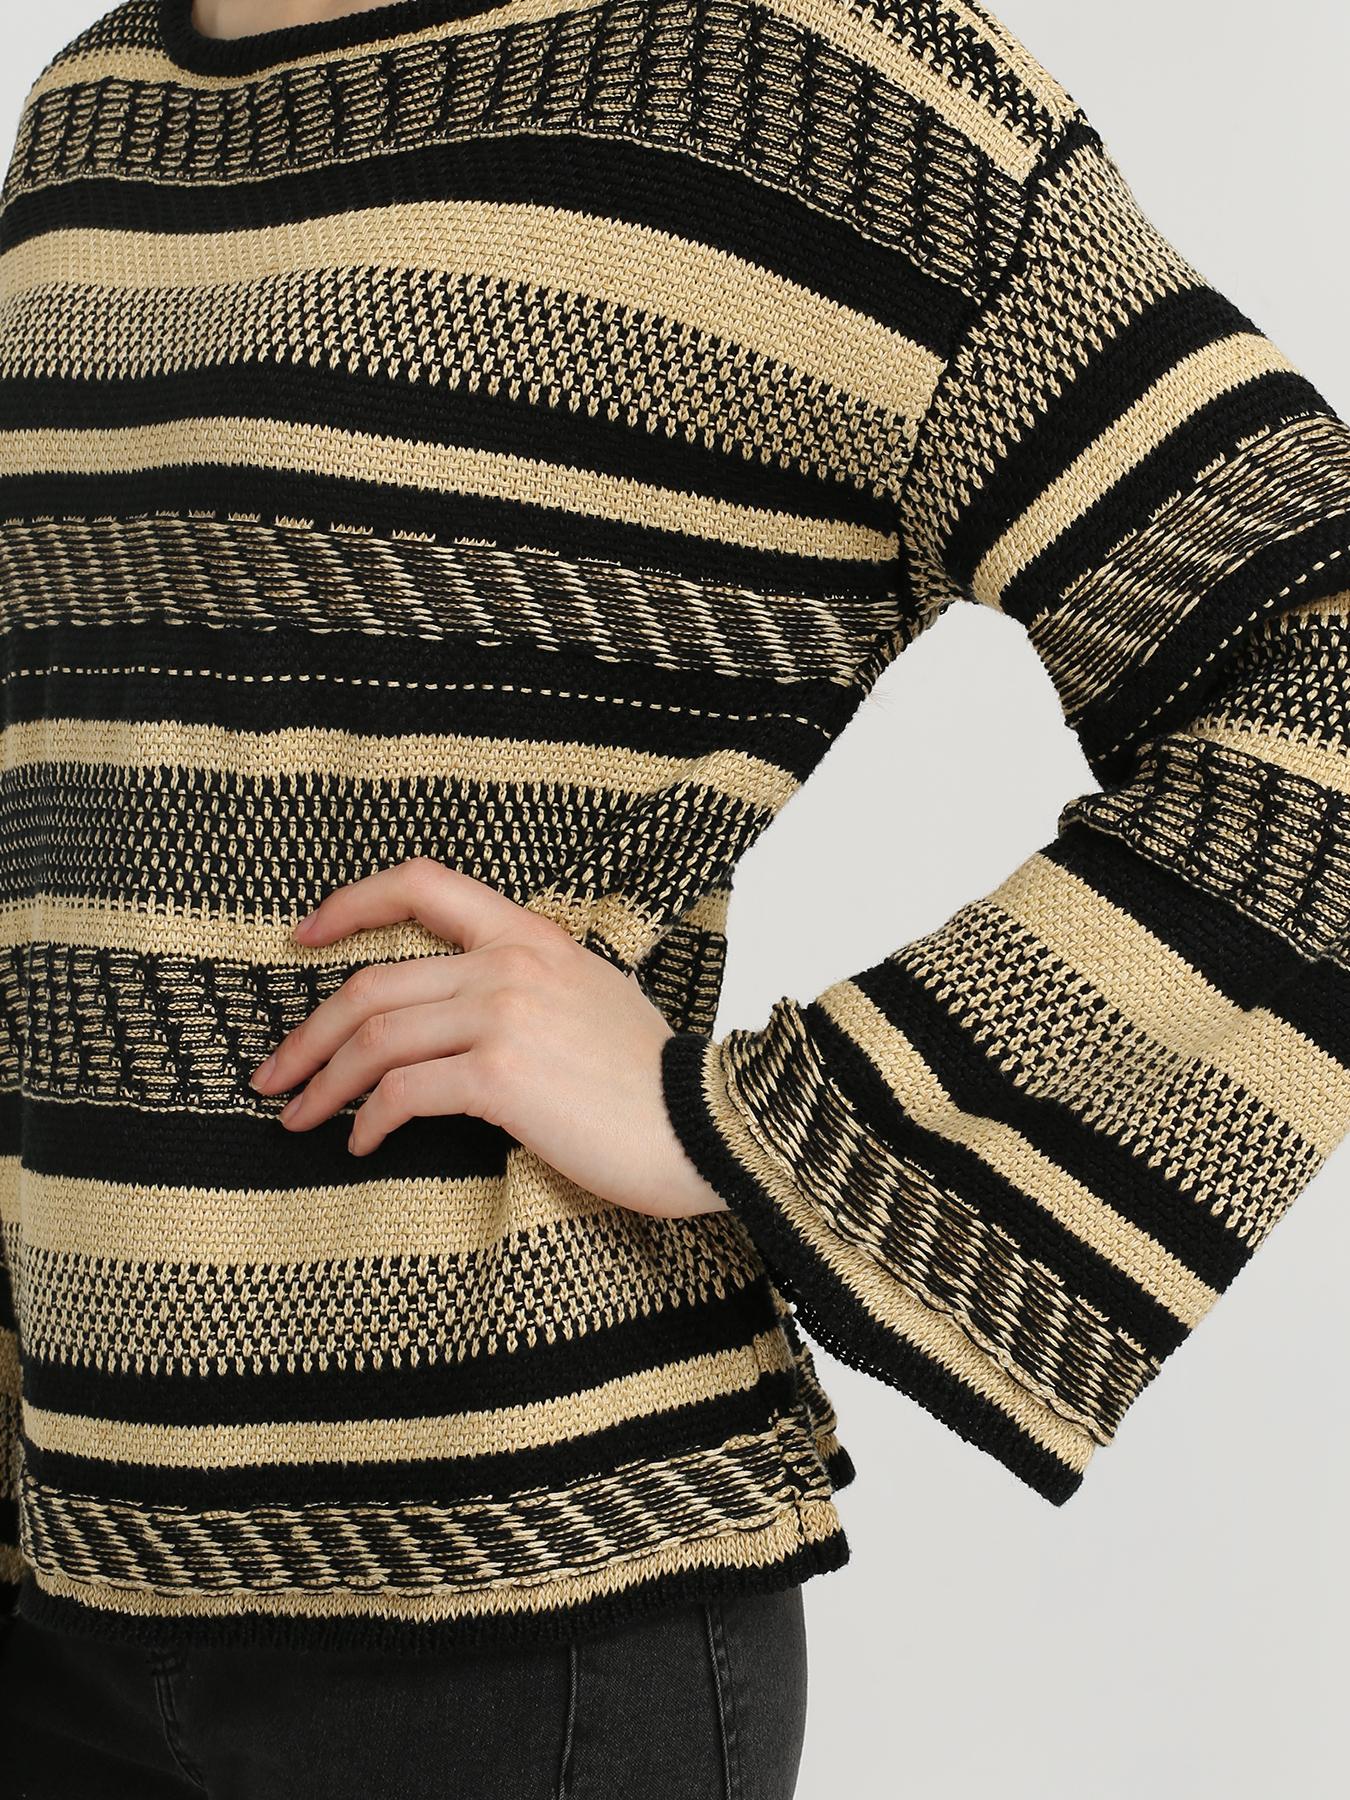 Polo Ralph Lauren Свитер с широким рукавом 314222-041 Фото 3